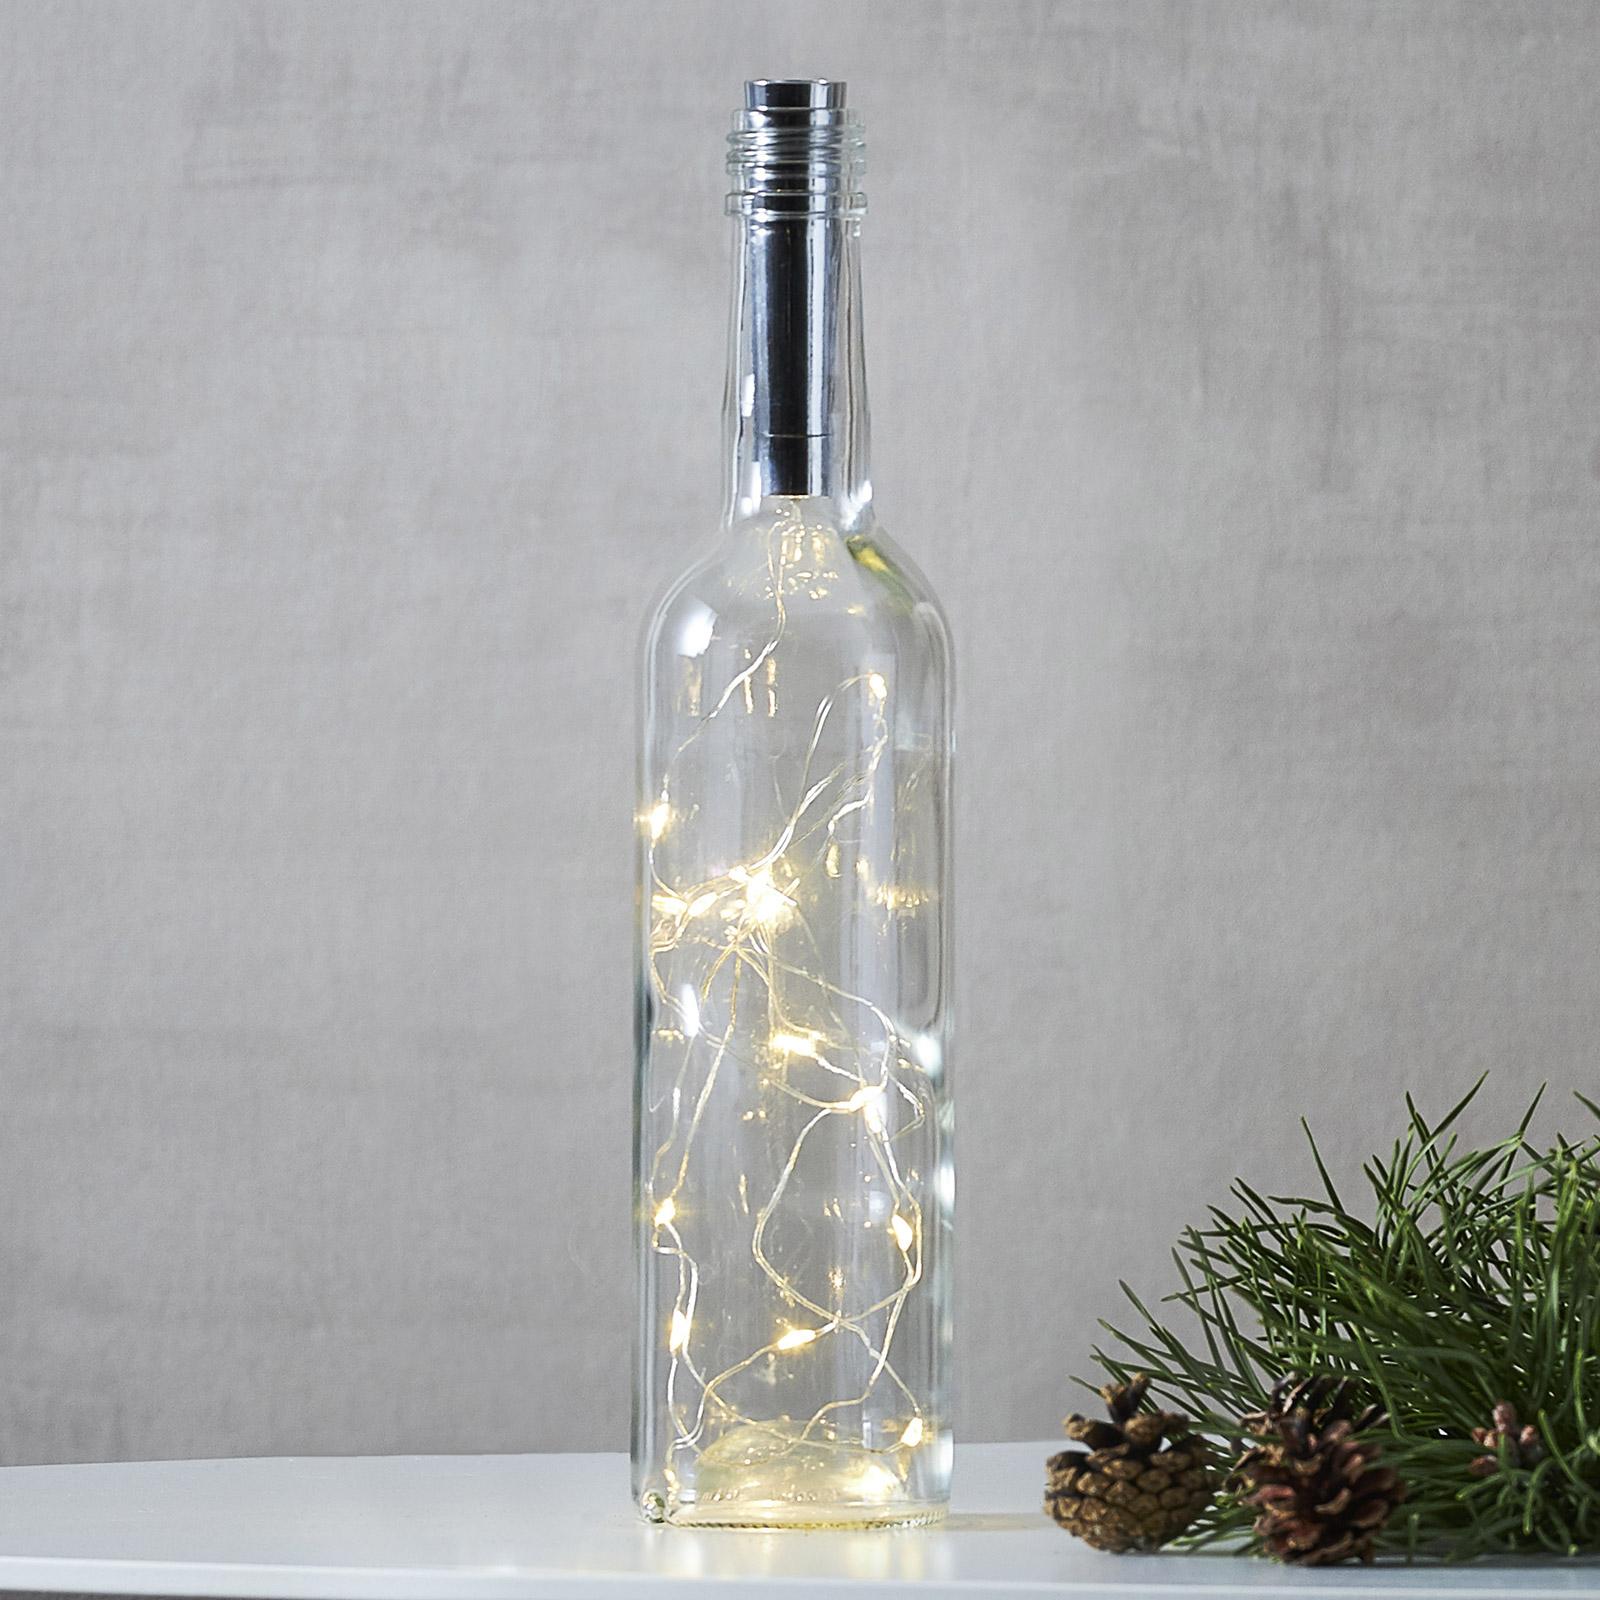 Łańcuch świetlny do butelek Dew Drops 75cm srebrny